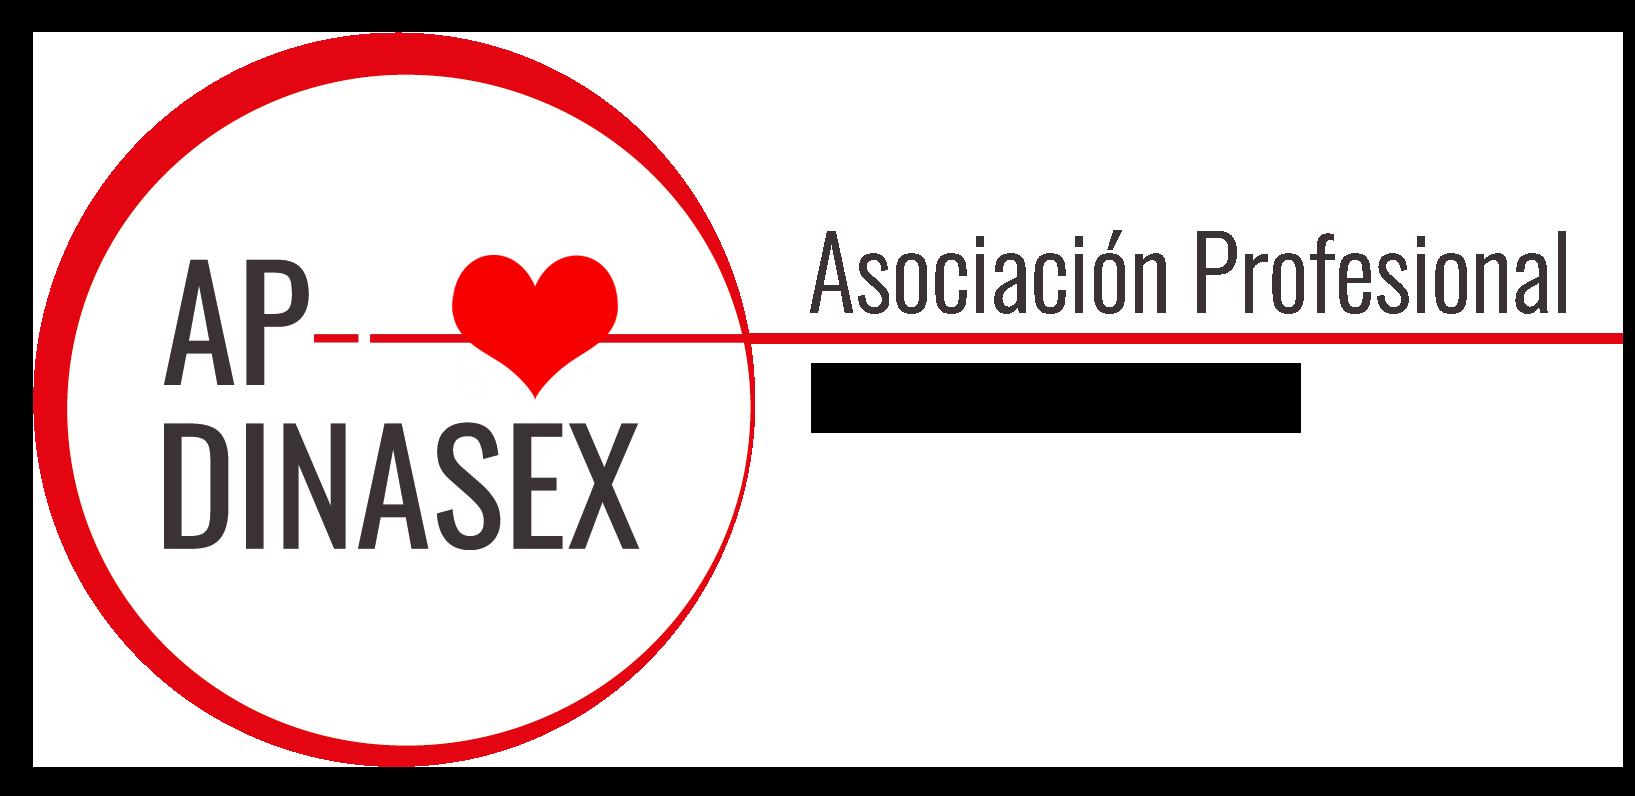 Ap-Dinasex